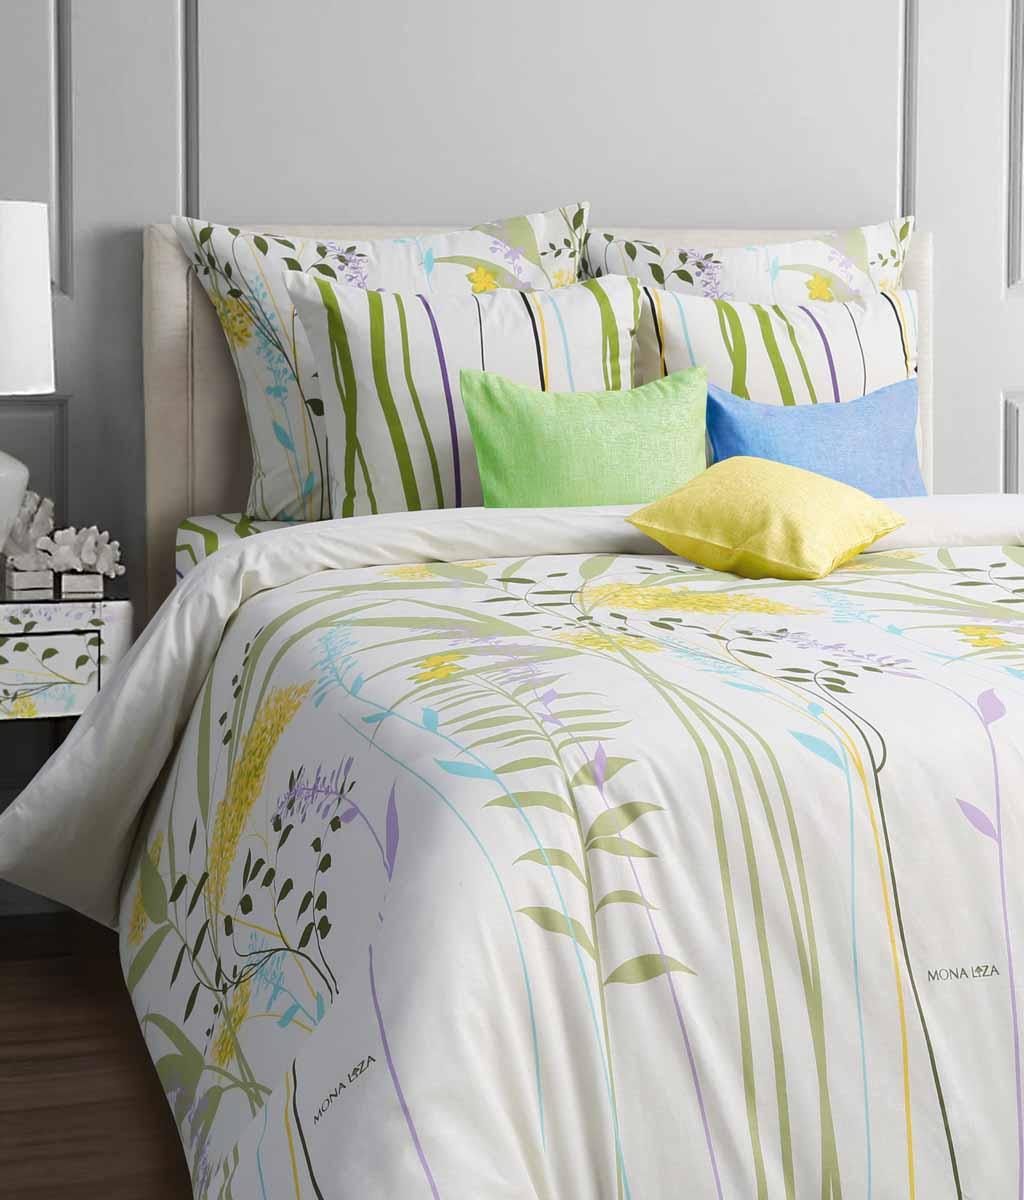 Комплект белья Bamboo(2-спальный КПБ, наволочки 50х70)552205/14КПБ 2сп (Bamboo) н(2)50*70